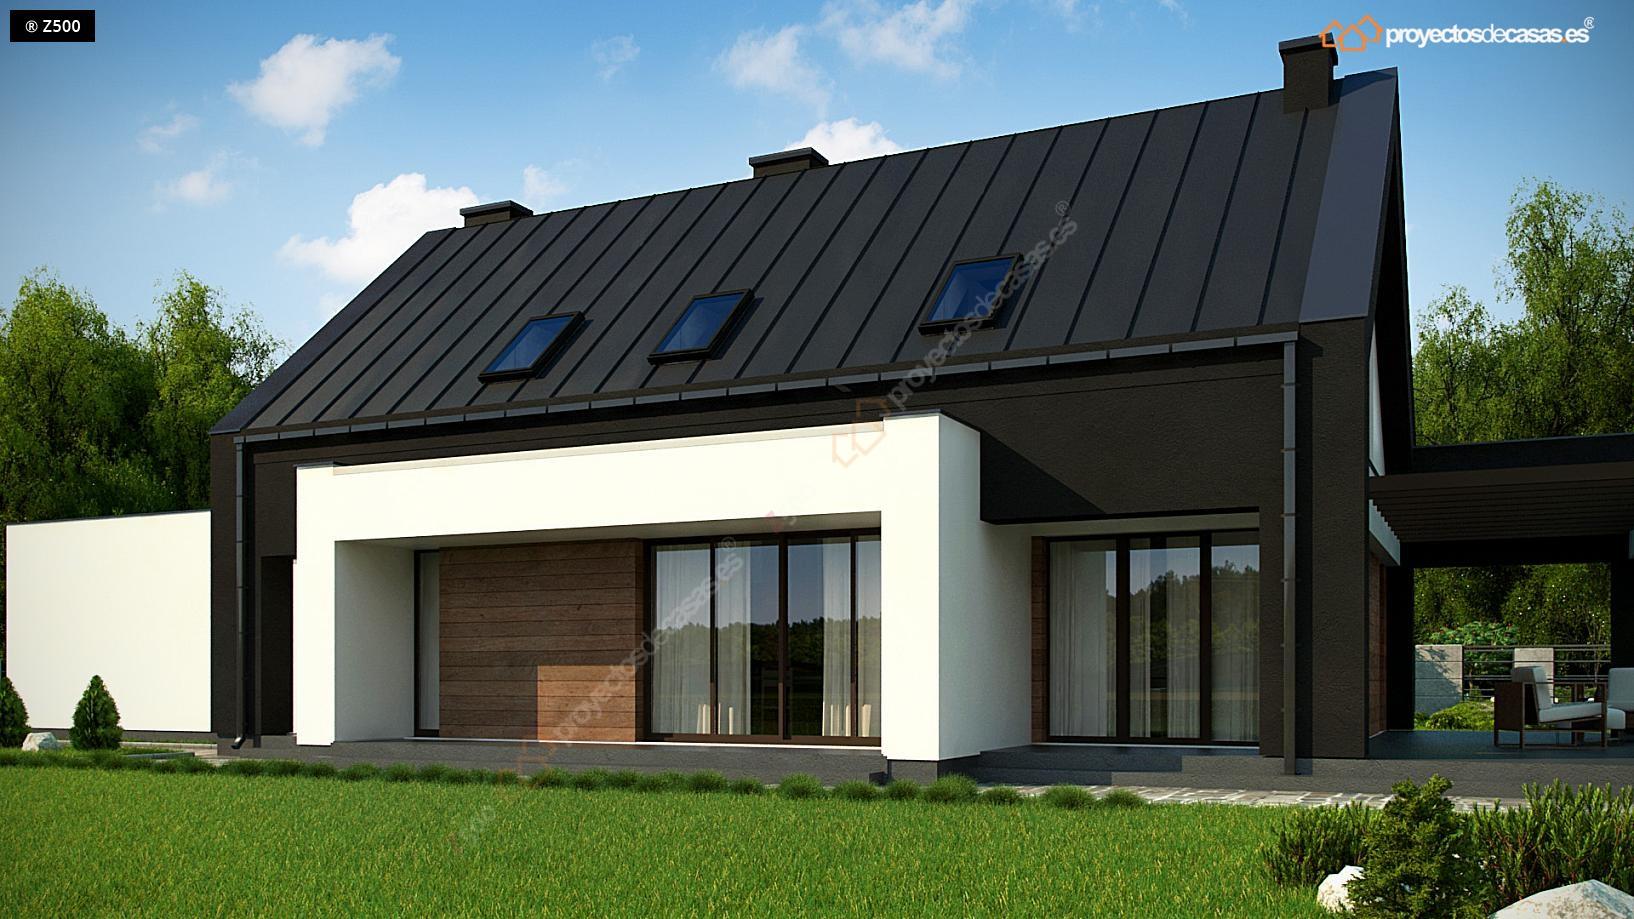 Proyectos de casas casa navacerrada de dise o moderna for Cubiertas para casas